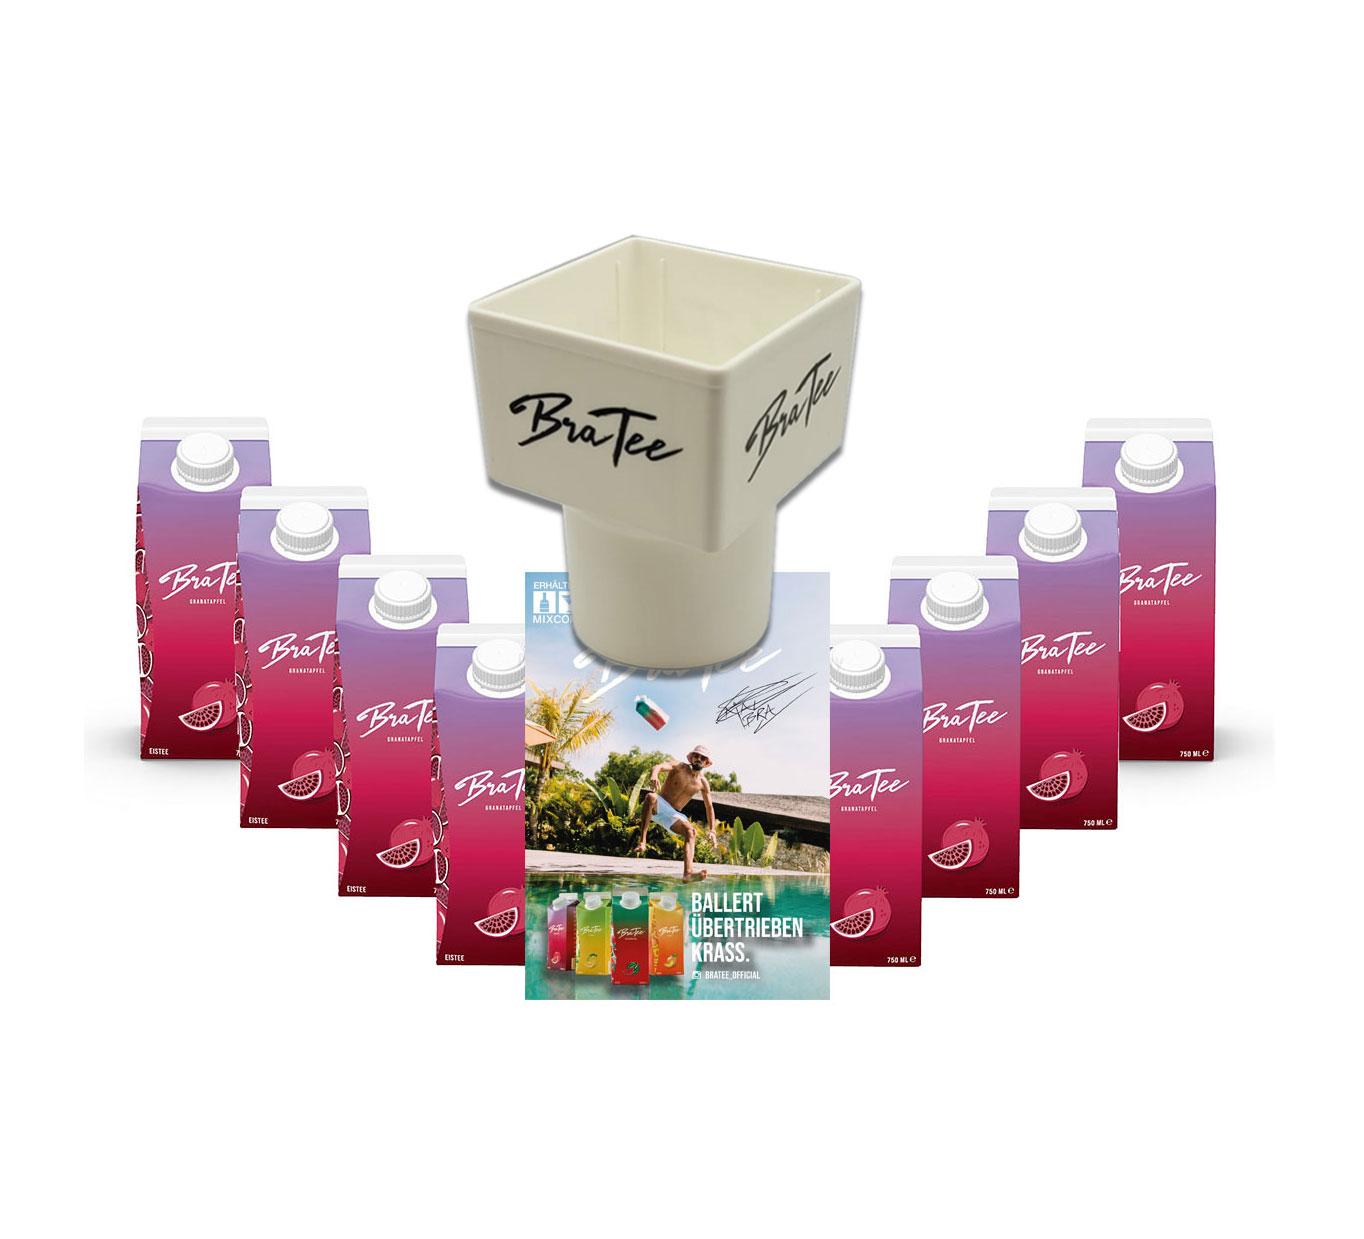 Capital BraTee 8er Set Eistee Granatapfel Pomegranate 750ml Ice tea + Gratis Getränkehalter + Autogrammkarte BRATEE mit Granatapfelgeschmack - Schmeckt wie es klingt - einfach Granate